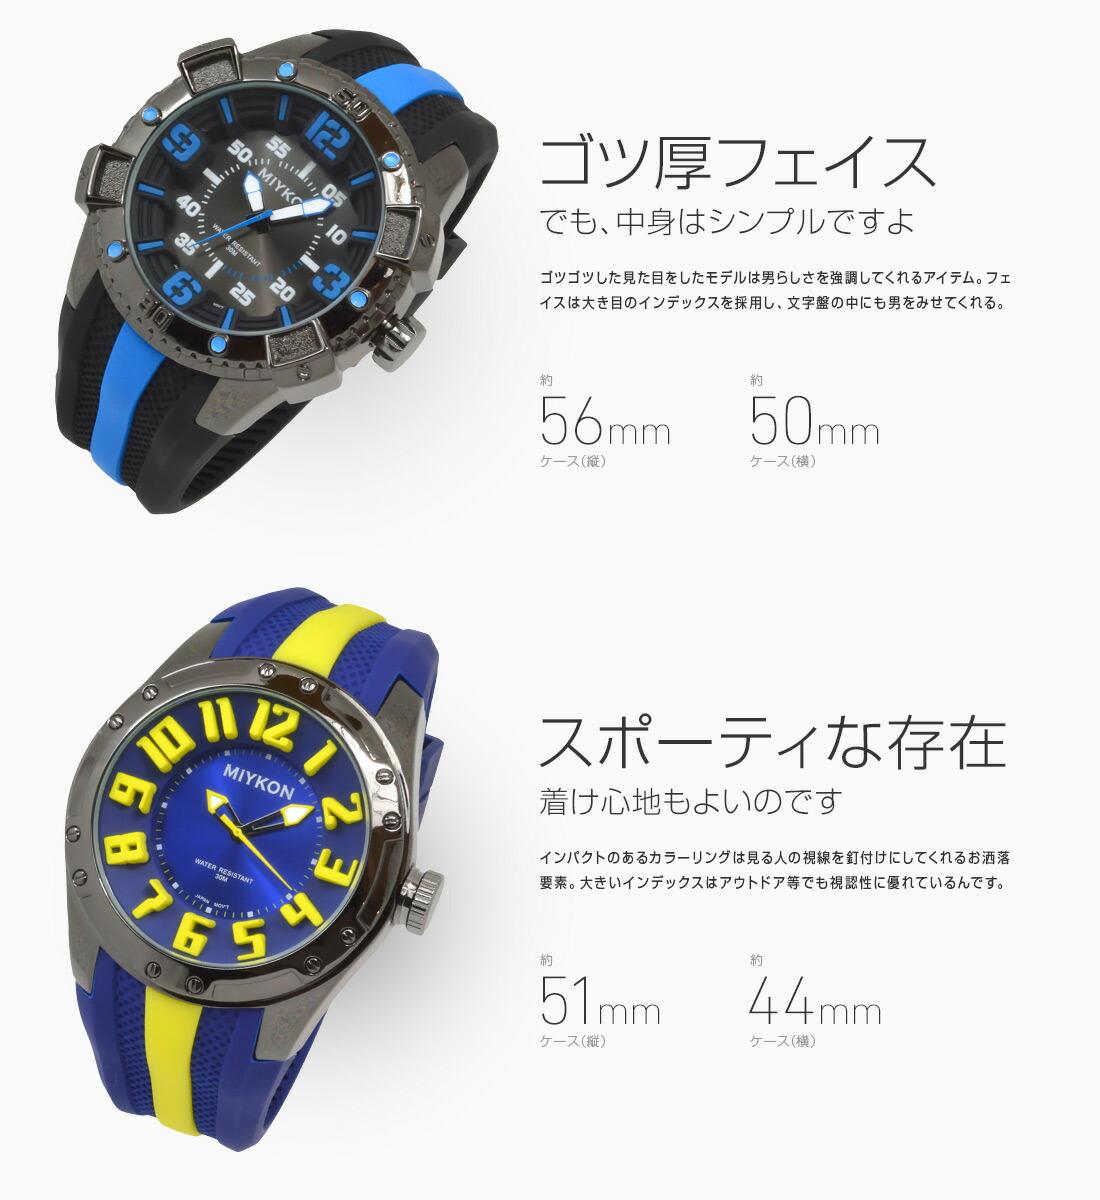 ミーコン SportySilicon ブルー イエロー B3418-5216 メンズ